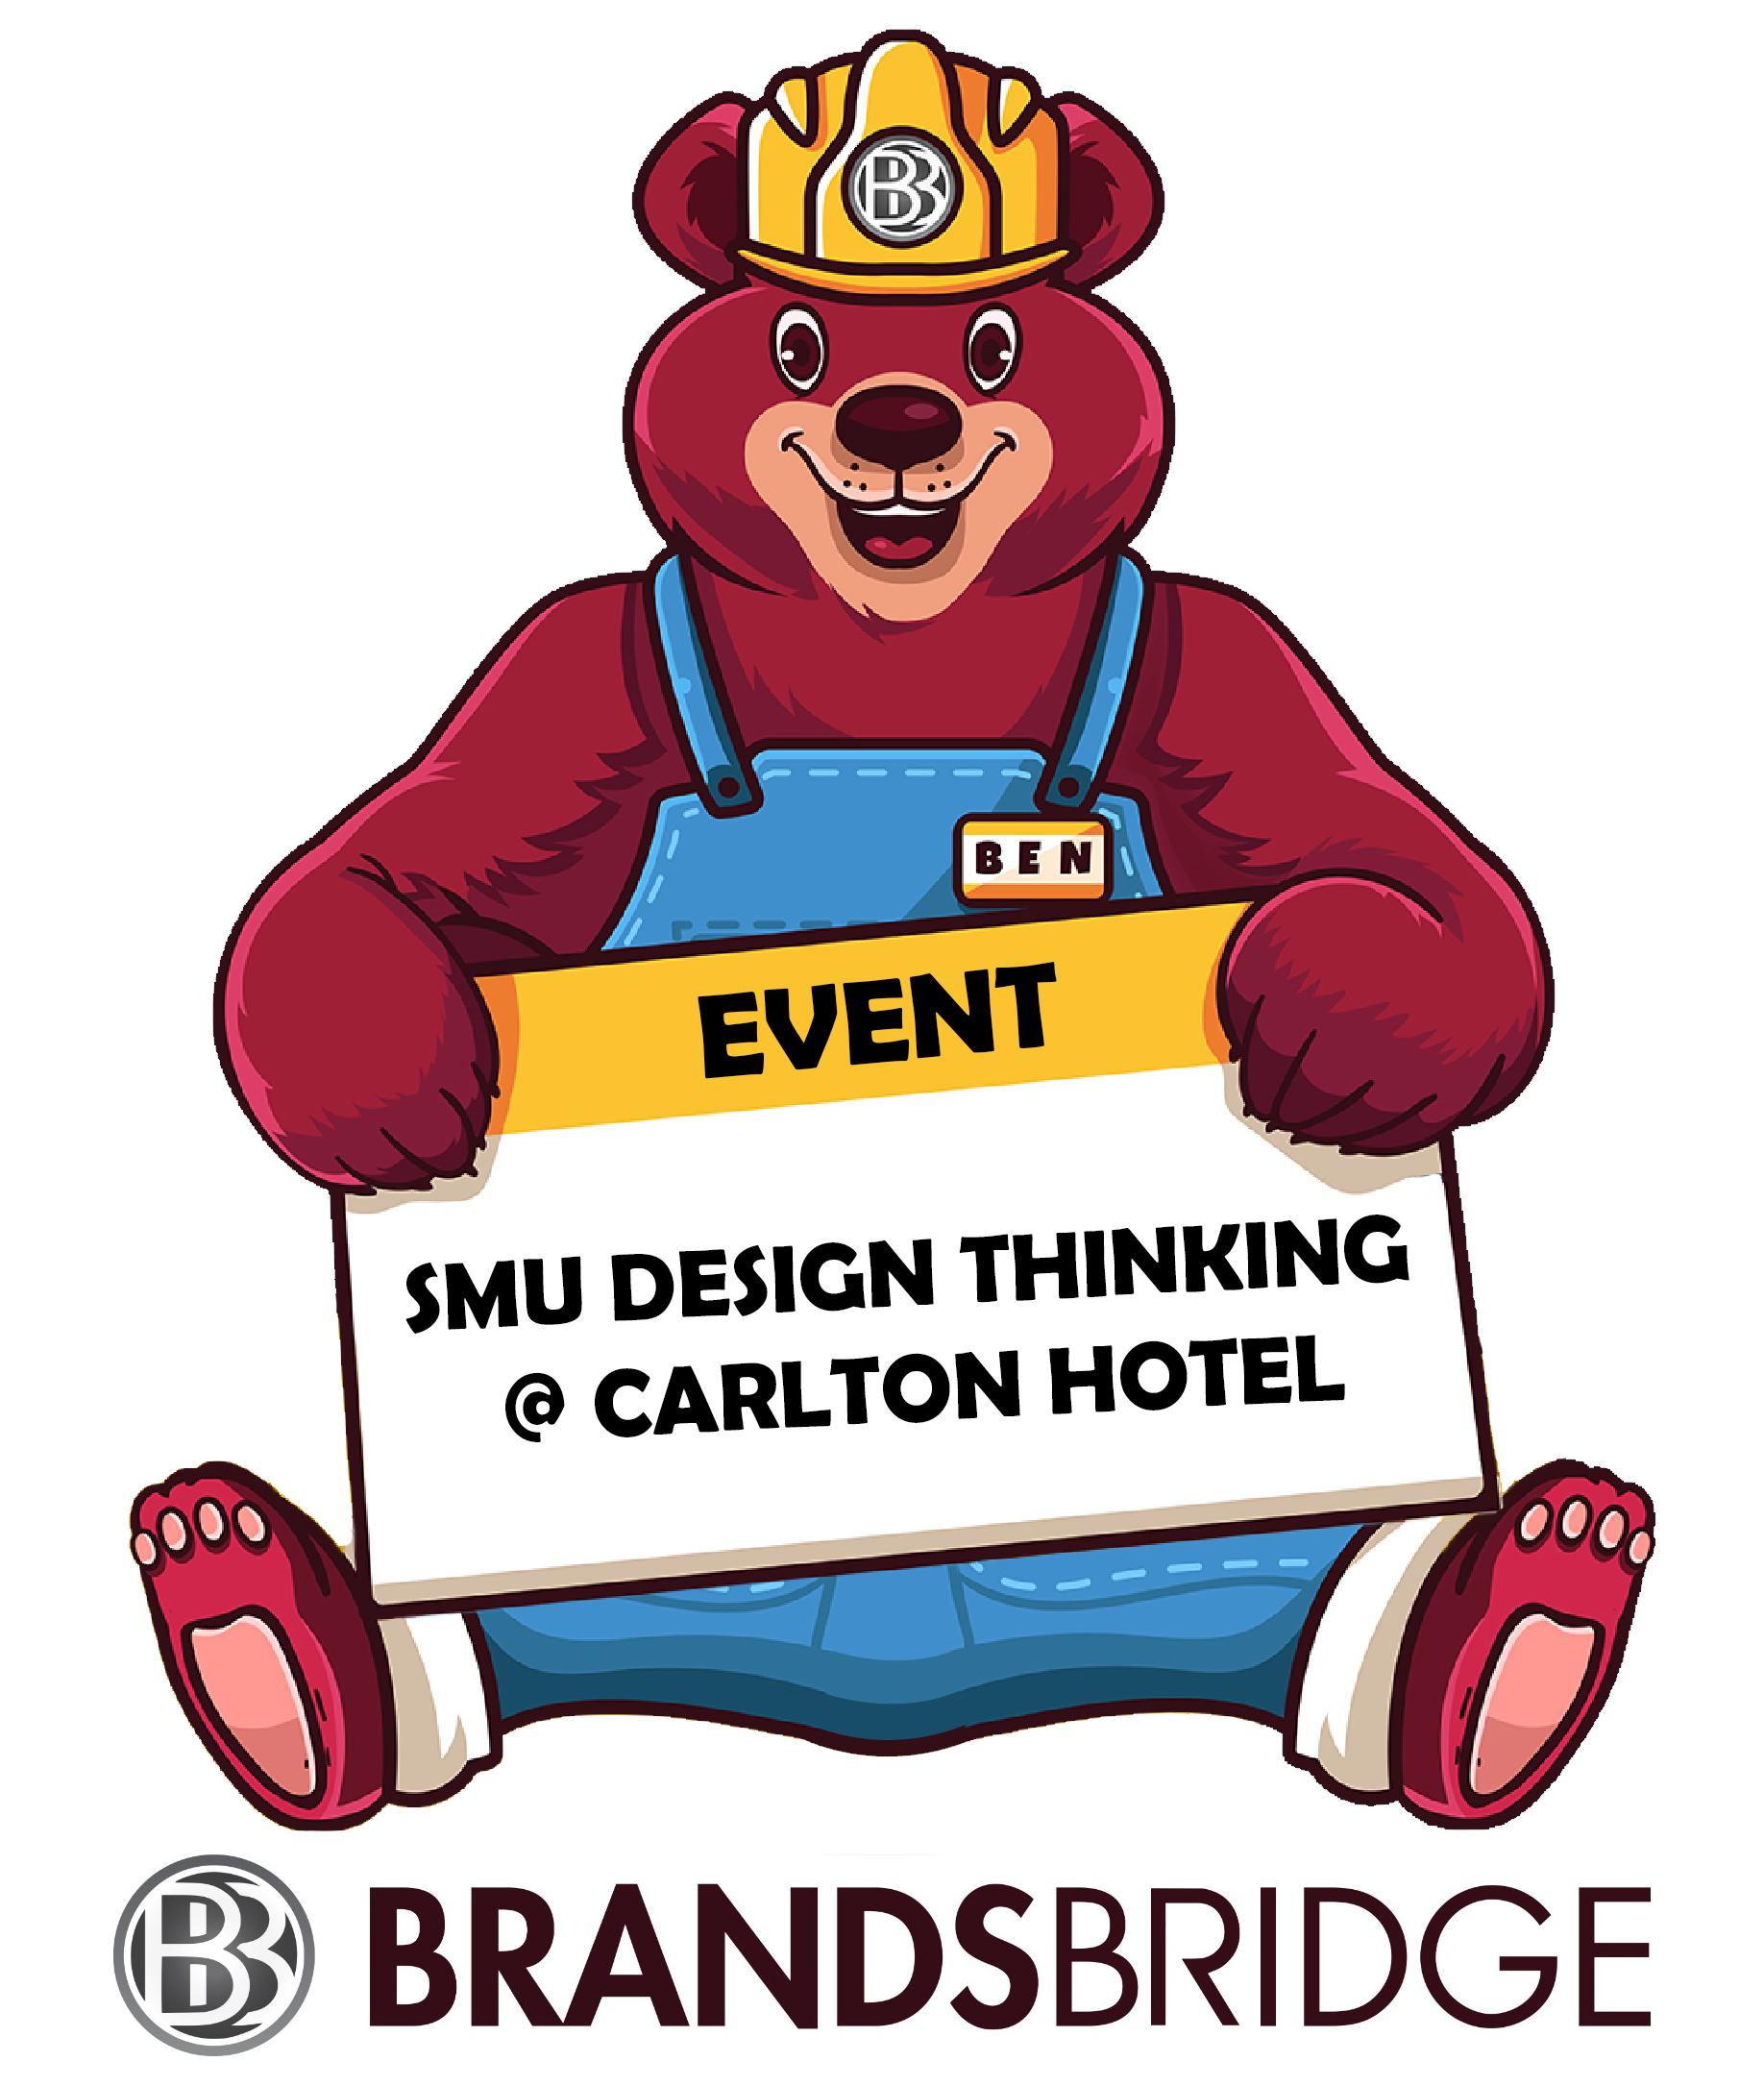 Ben Event SMU Design Thinking